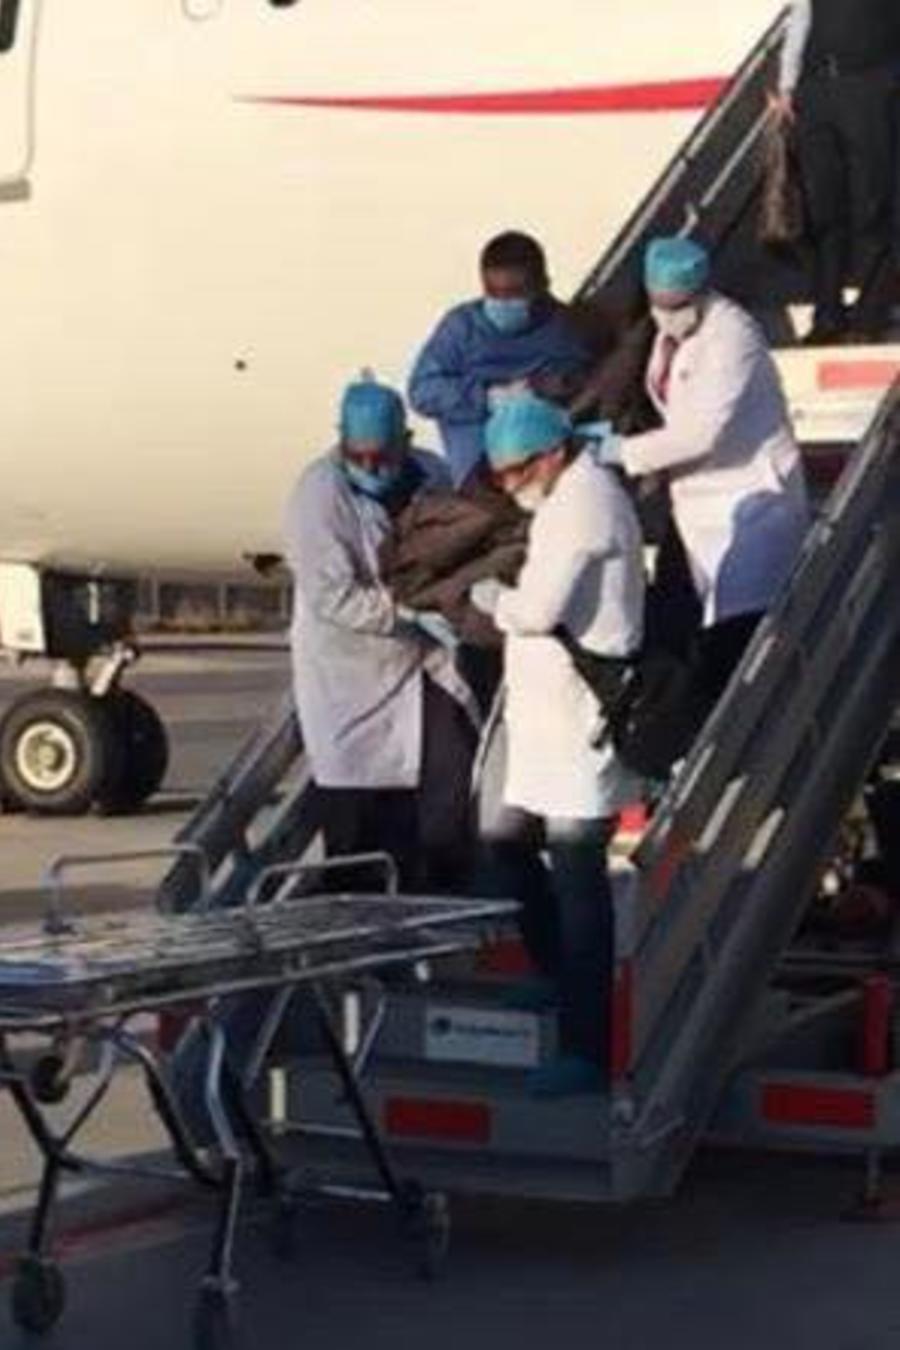 La víctima viajaba desde Bogotá y había hecho un transbordo en Ciudad de México con destino a Japón.